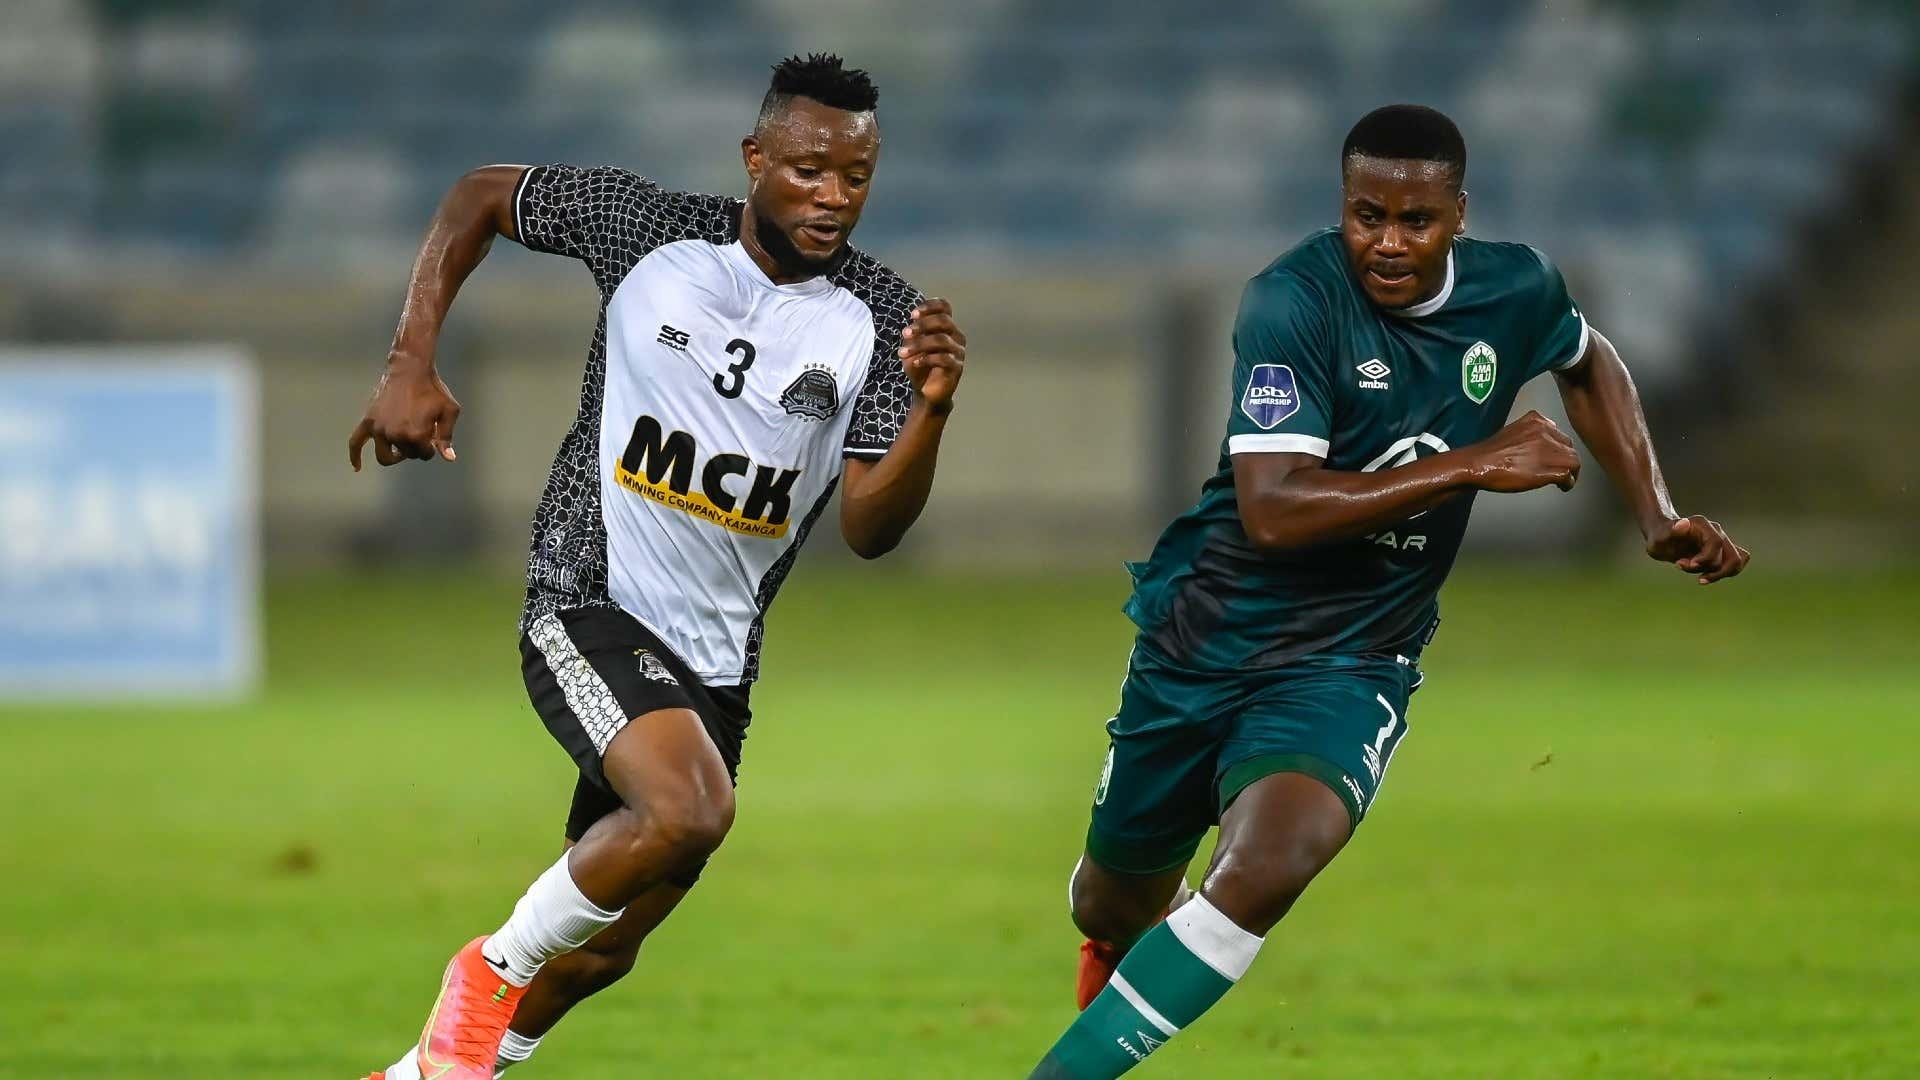 Tandi Mwape, TP Mazembe & Bonginkosi Ntuli, AmaZulu FC, October 2021